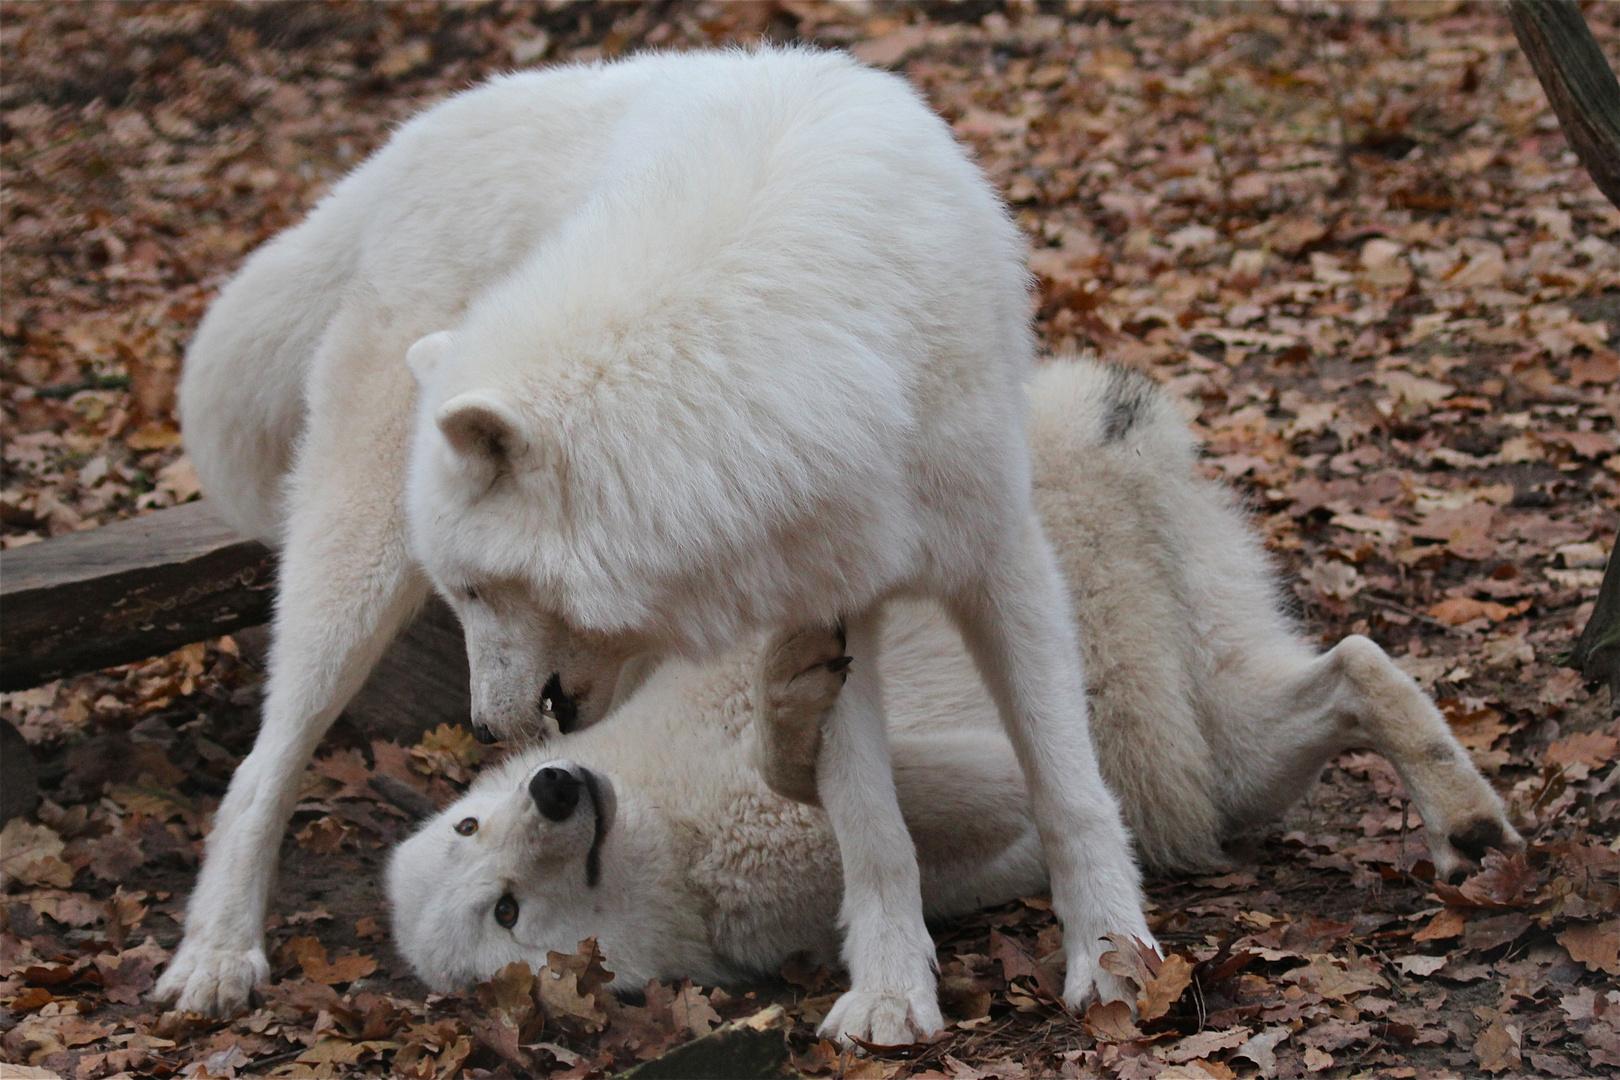 WW 8/9 - Die Rangkämpfe nehmen einen großen Teil des Energieverbrauchs der Wölfe ein.